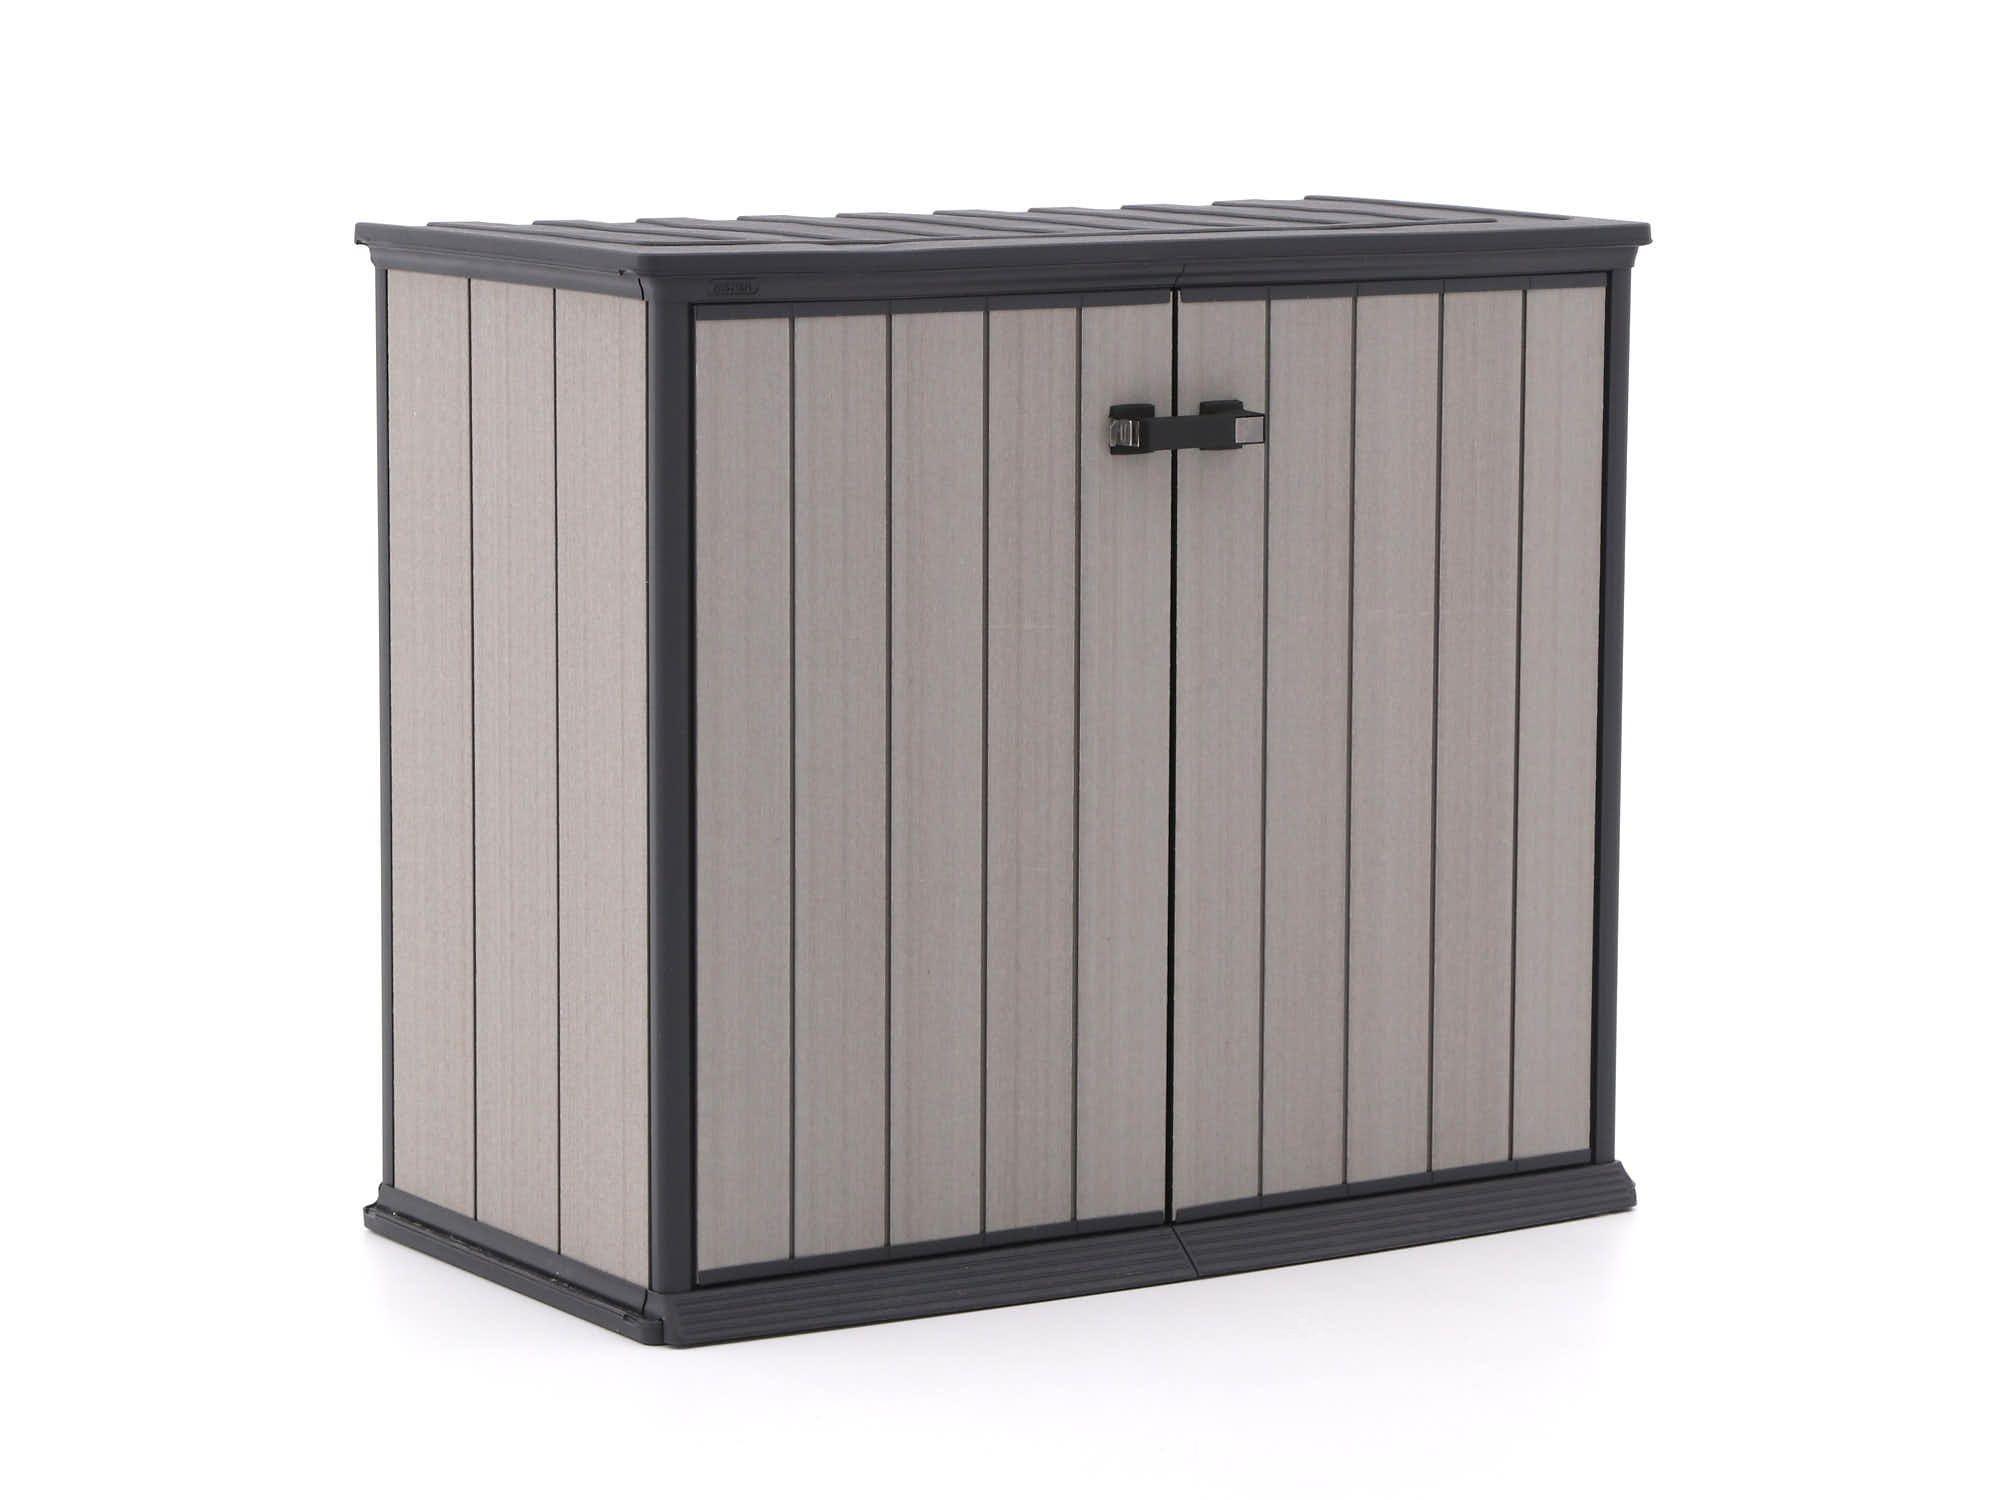 Universalbox Fur Das Einfache Und Trockene Lagern Von Gartenkissen Und Auflagen Farbe Fur Kunststoff Gartenmobel Aufbewahrung